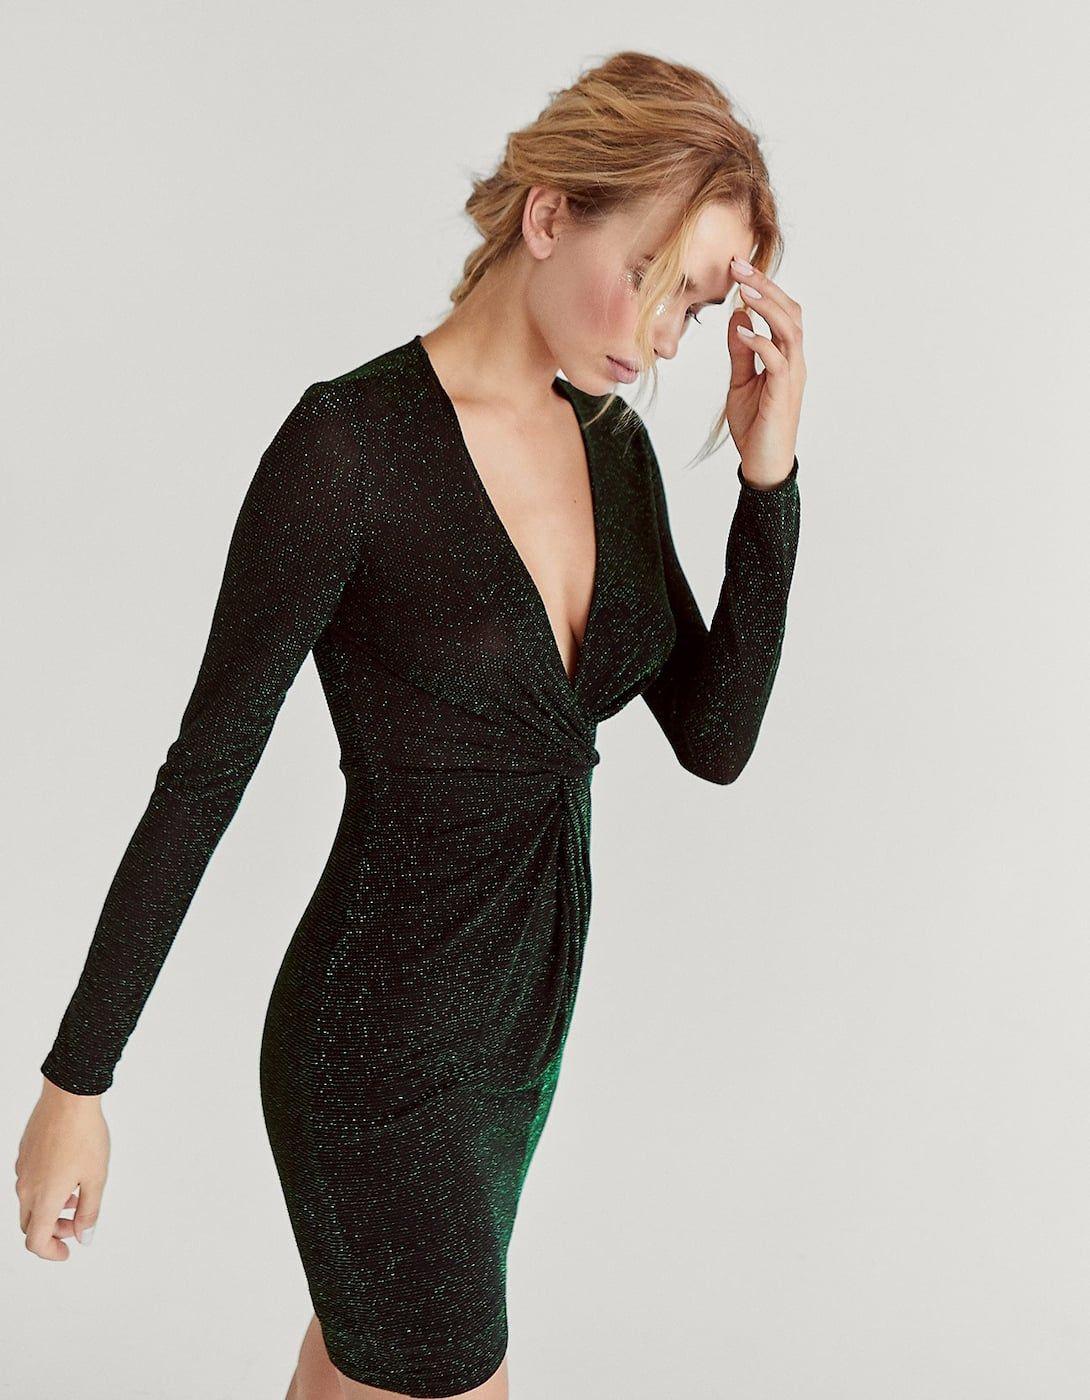 530d6b3f77 Błyszcząca sukienka z długim rękawem i głębokim dekoltem - Wieczorowe